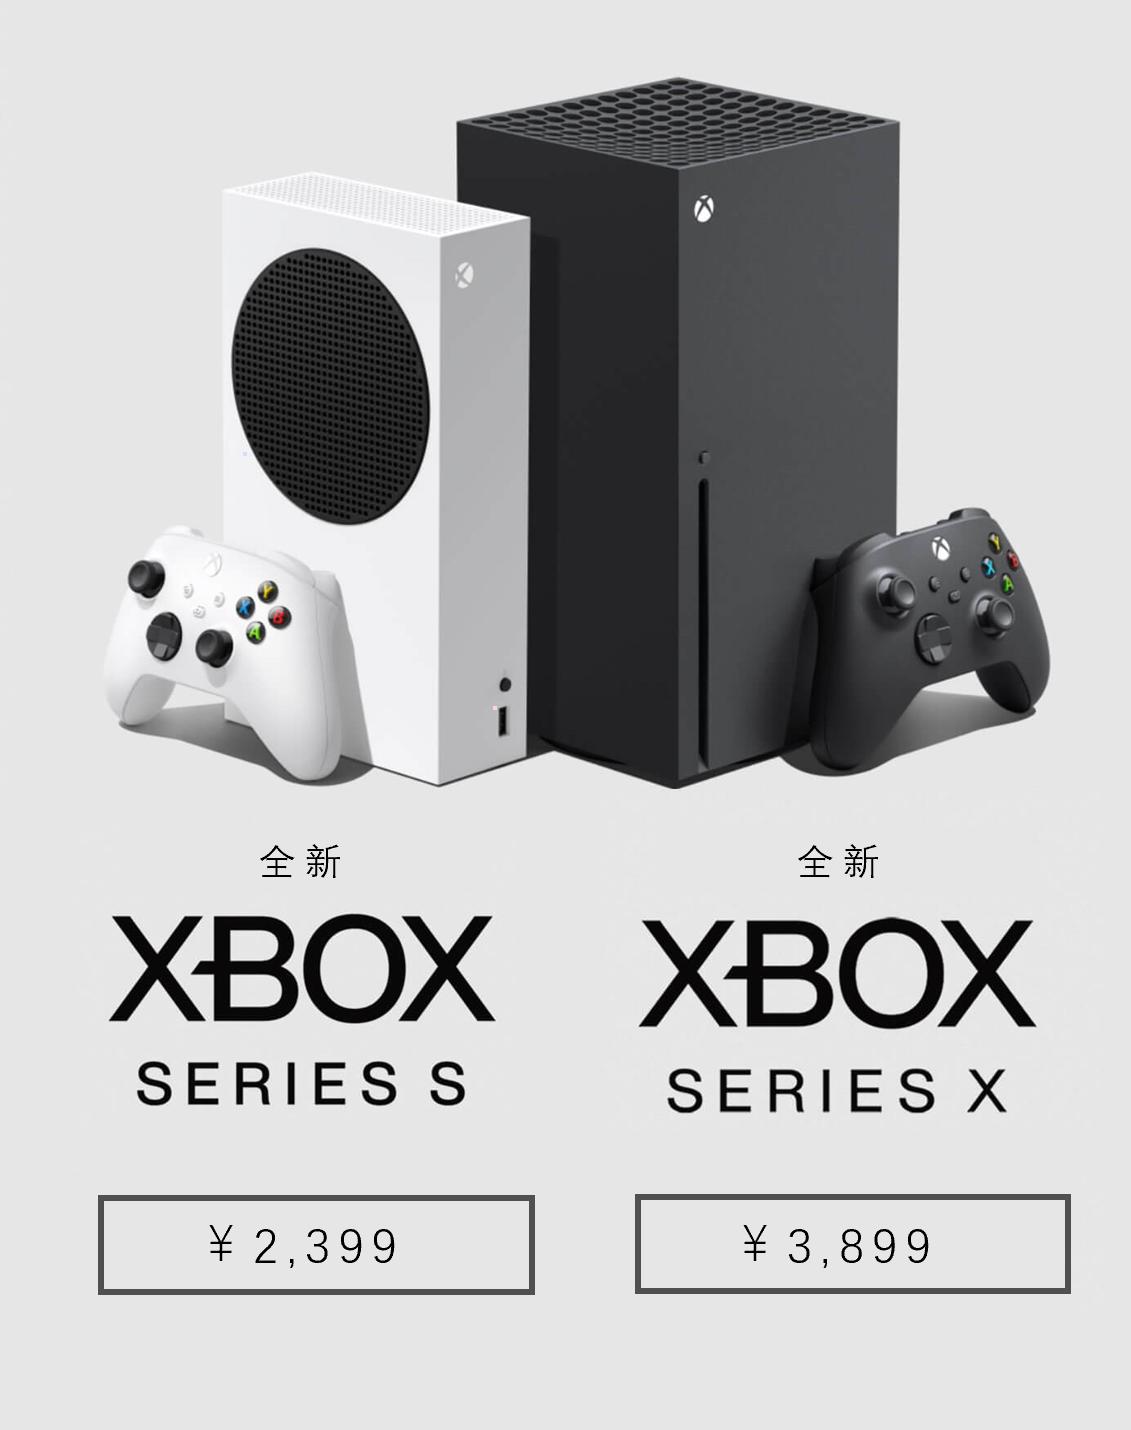 新世代已至:国行 Xbox Series X S 将于 6 月 10 日起正式推出